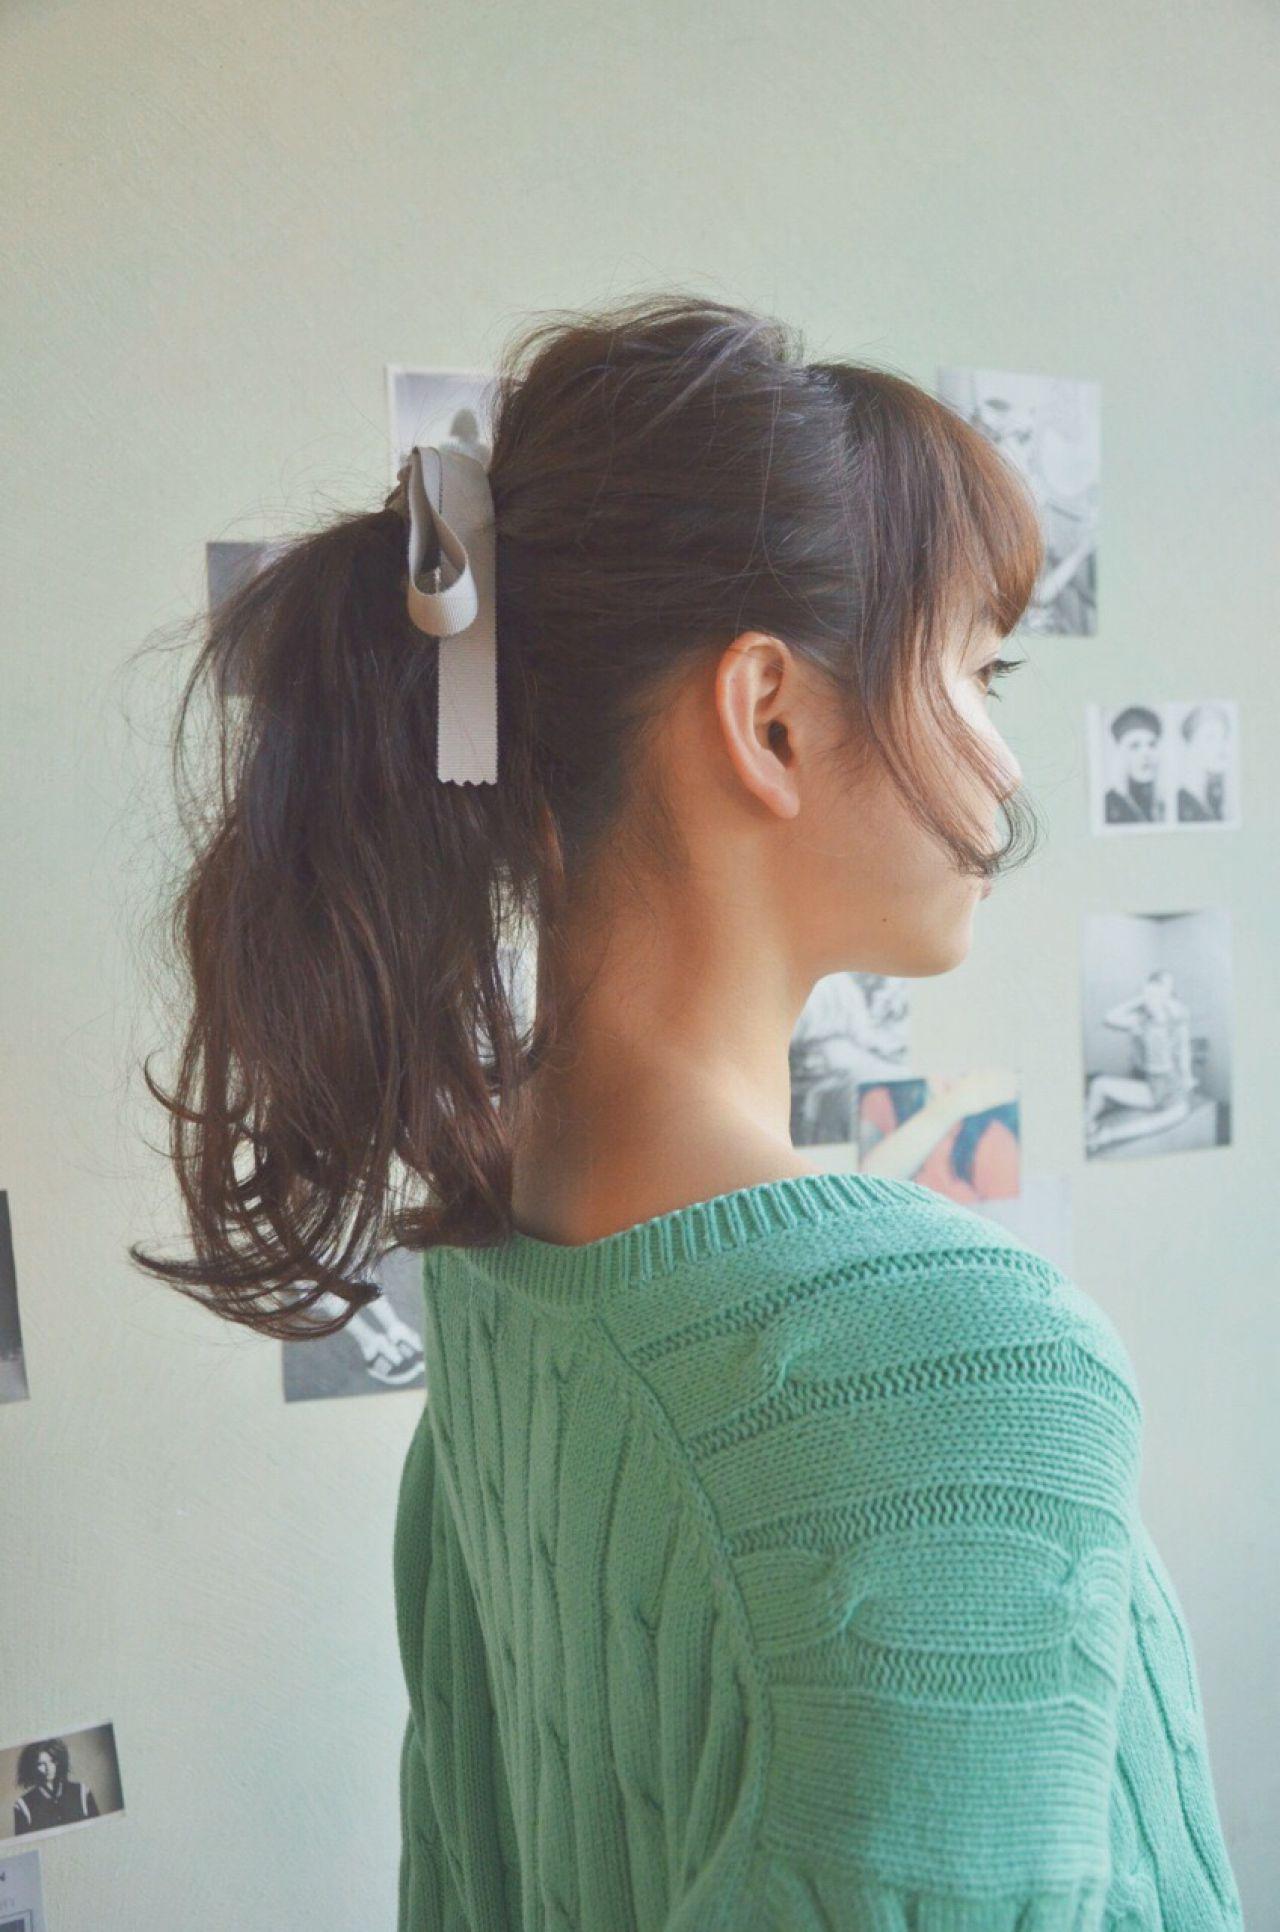 アップスタイル ナチュラル ゆるふわ モテ髪 ヘアスタイルや髪型の写真・画像 | 秋山 絵梨香 / loutus / loutus